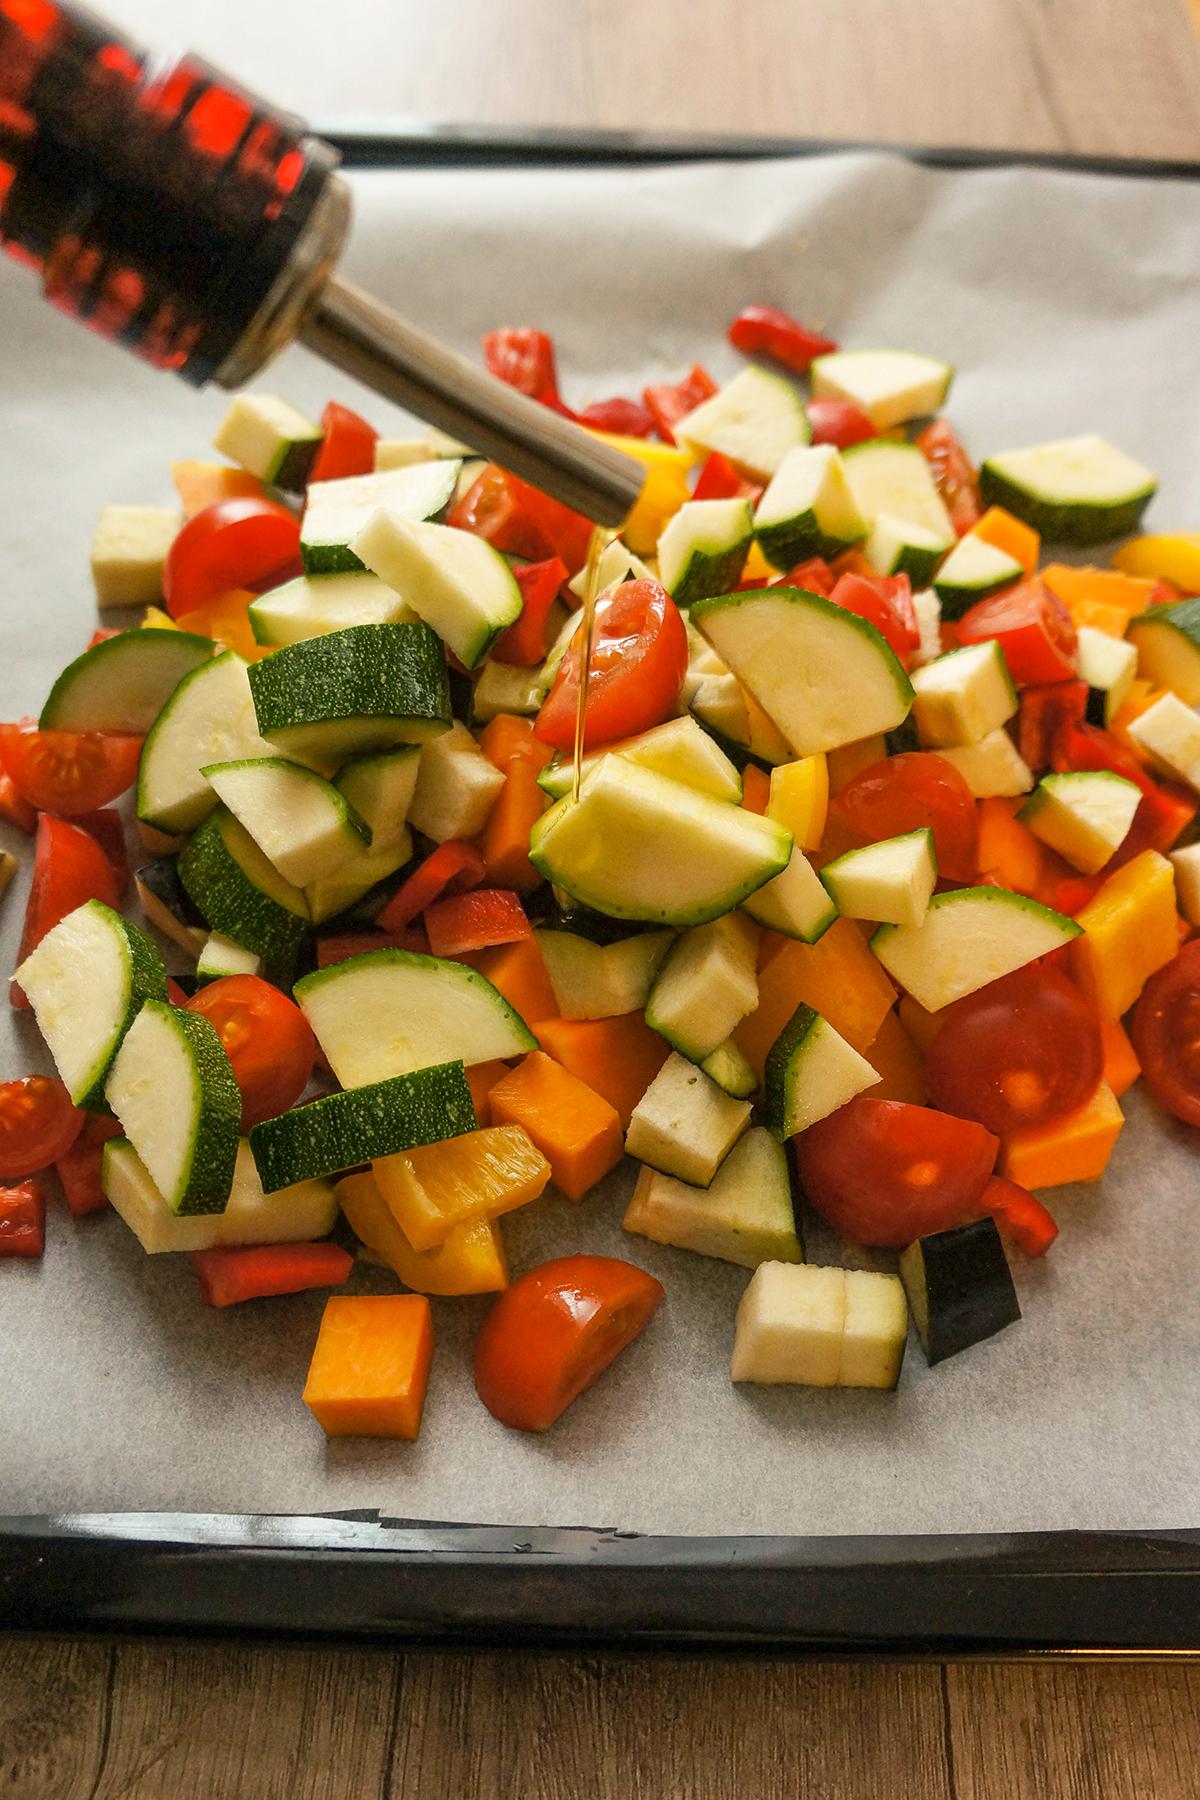 Topla kuskus solata s pečeno zelenjavo, špinačo in bučnimi semeni